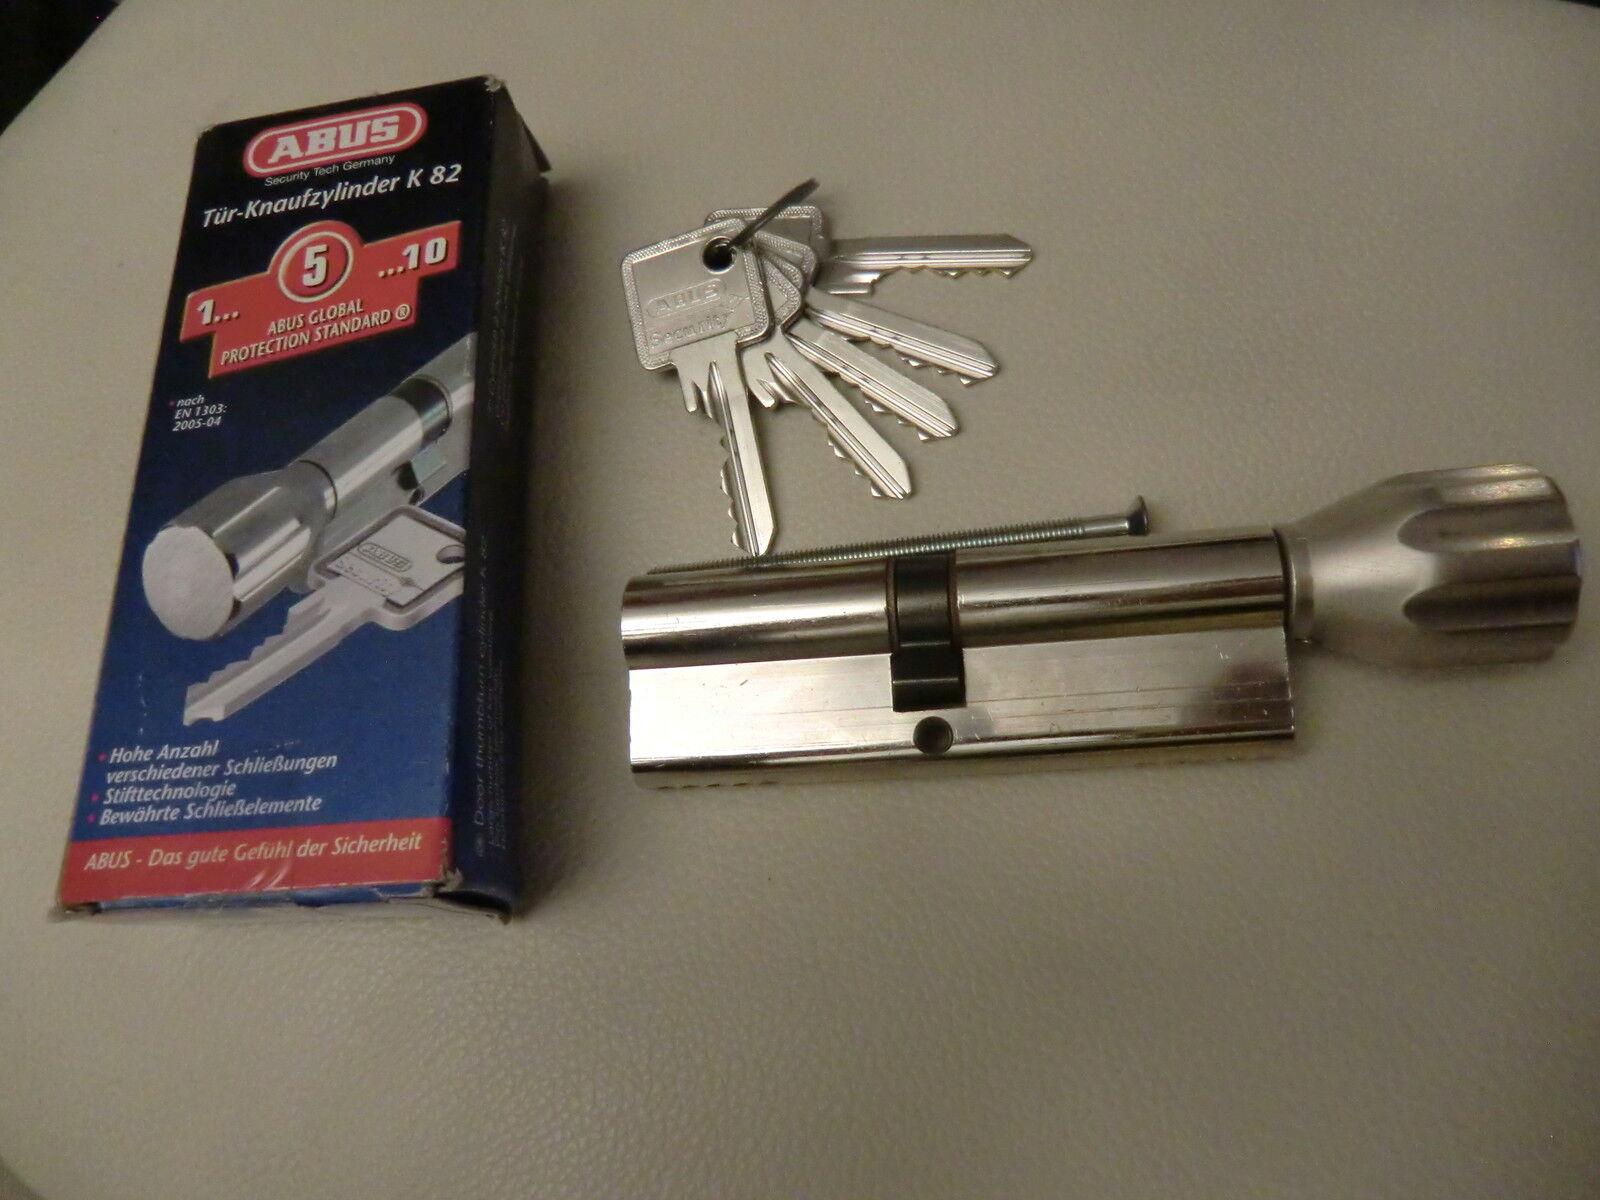 Knaufzylinder K82 ,Abus  Schließzylinder 50 45, 5 Schlüssel | Leicht zu reinigende Oberfläche  | Bestellung willkommen  | Ästhetisches Aussehen  | Trendy